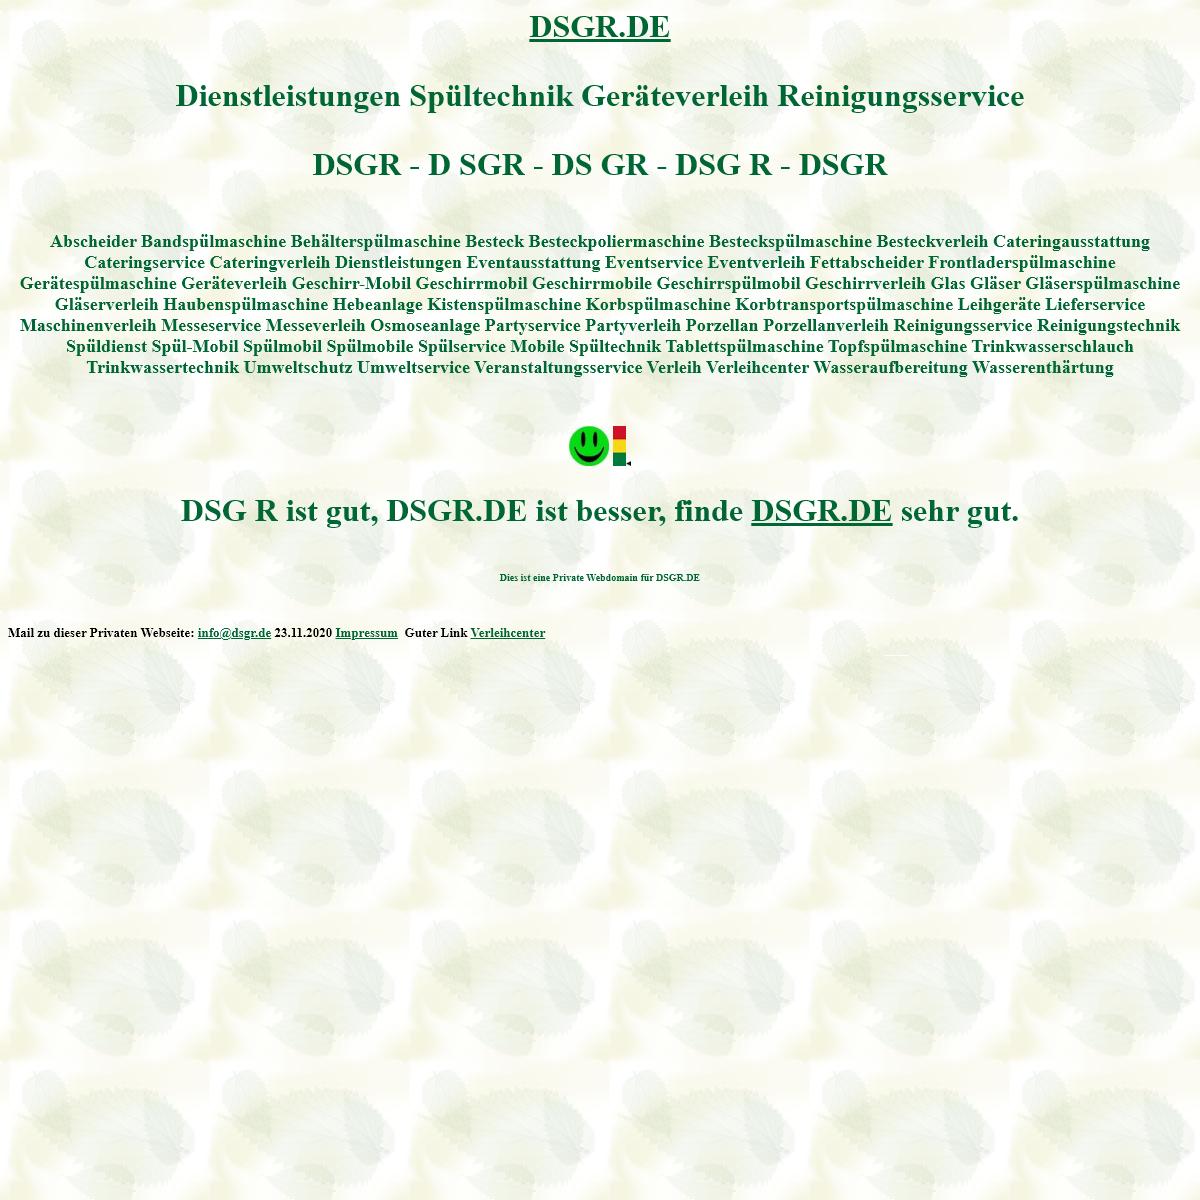 dsgr Dienstleistungen Spültechnik Geräteverleih Reinigungsservice Spülmobil Verleih Geschirrmobil Mieten